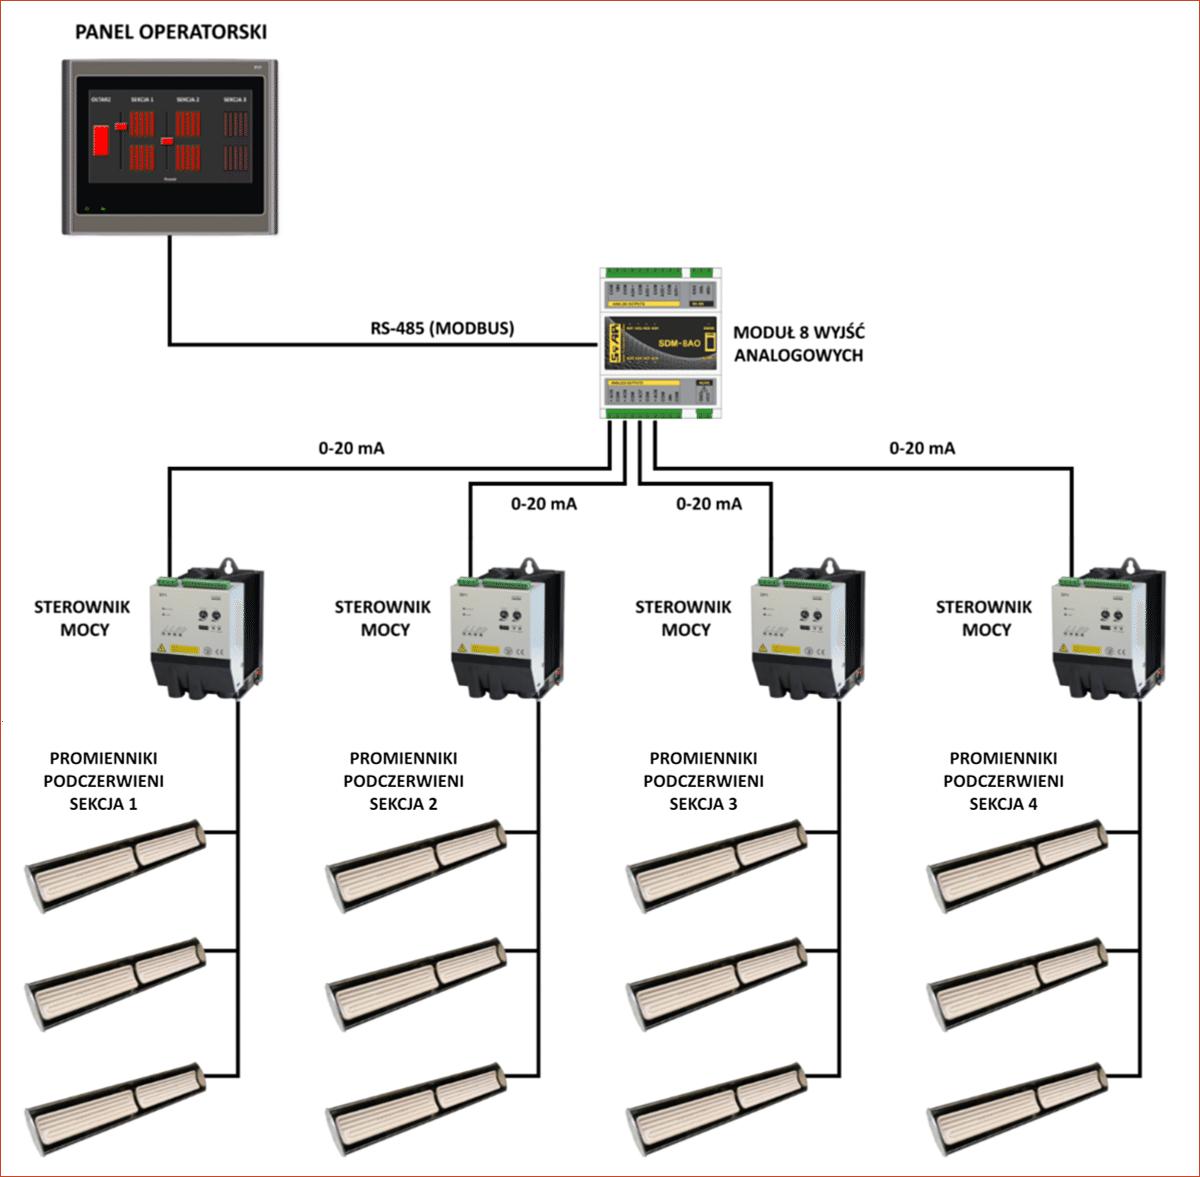 Schemat systemu sterowania ogrzewaniem kościoła bazujący na panelu operatorskim HMI